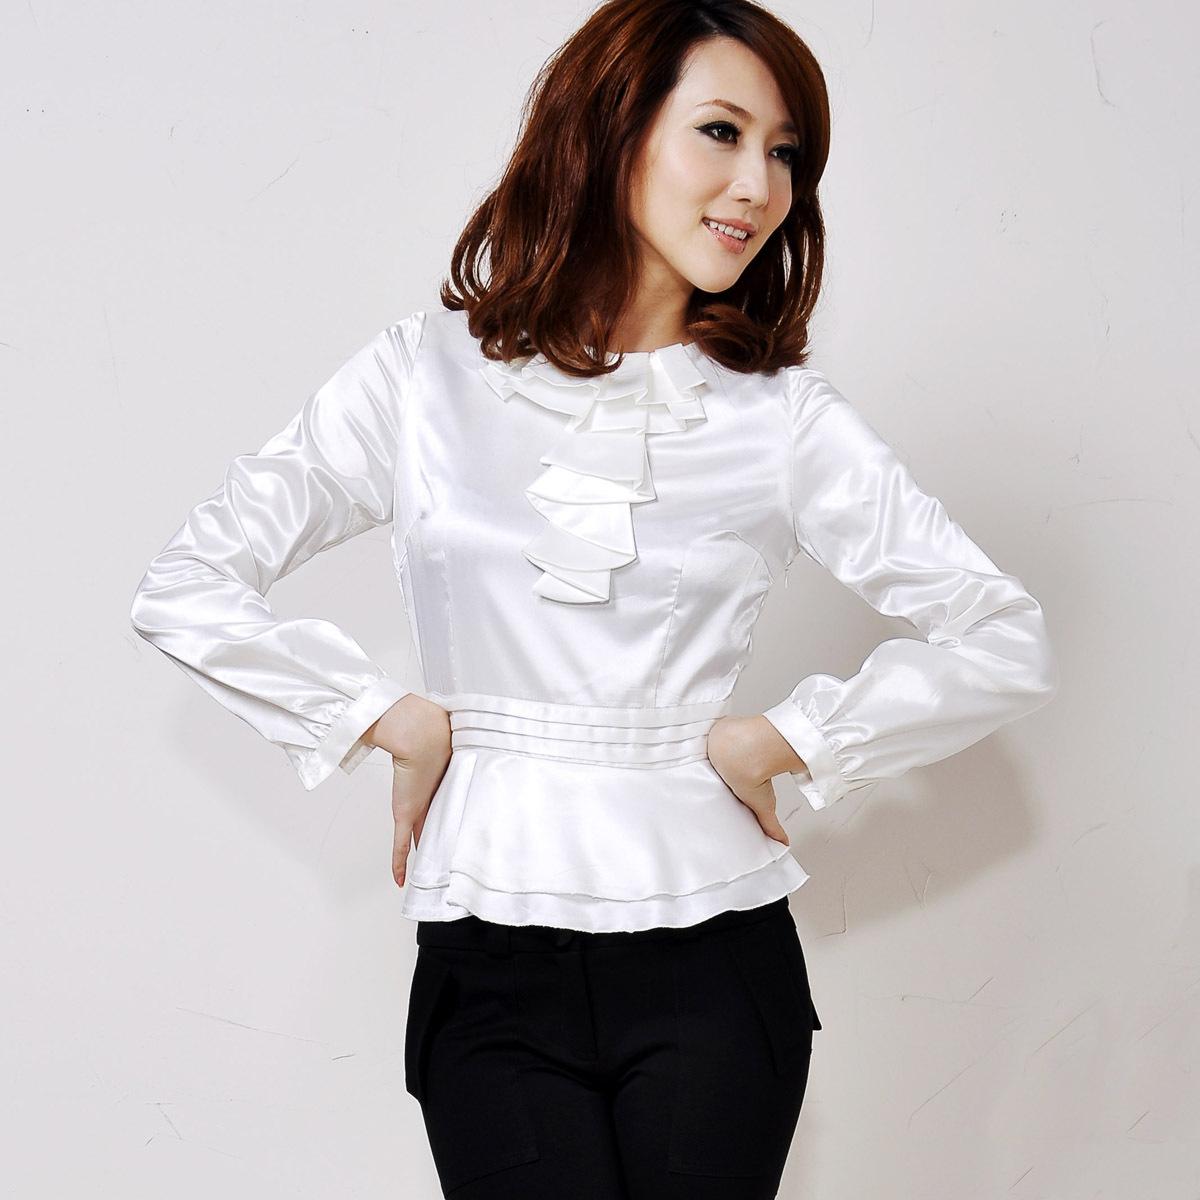 женская рубашка MATCHE mi311180 Ol Casual Длинный рукав Однотонный цвет Закругленный вырез